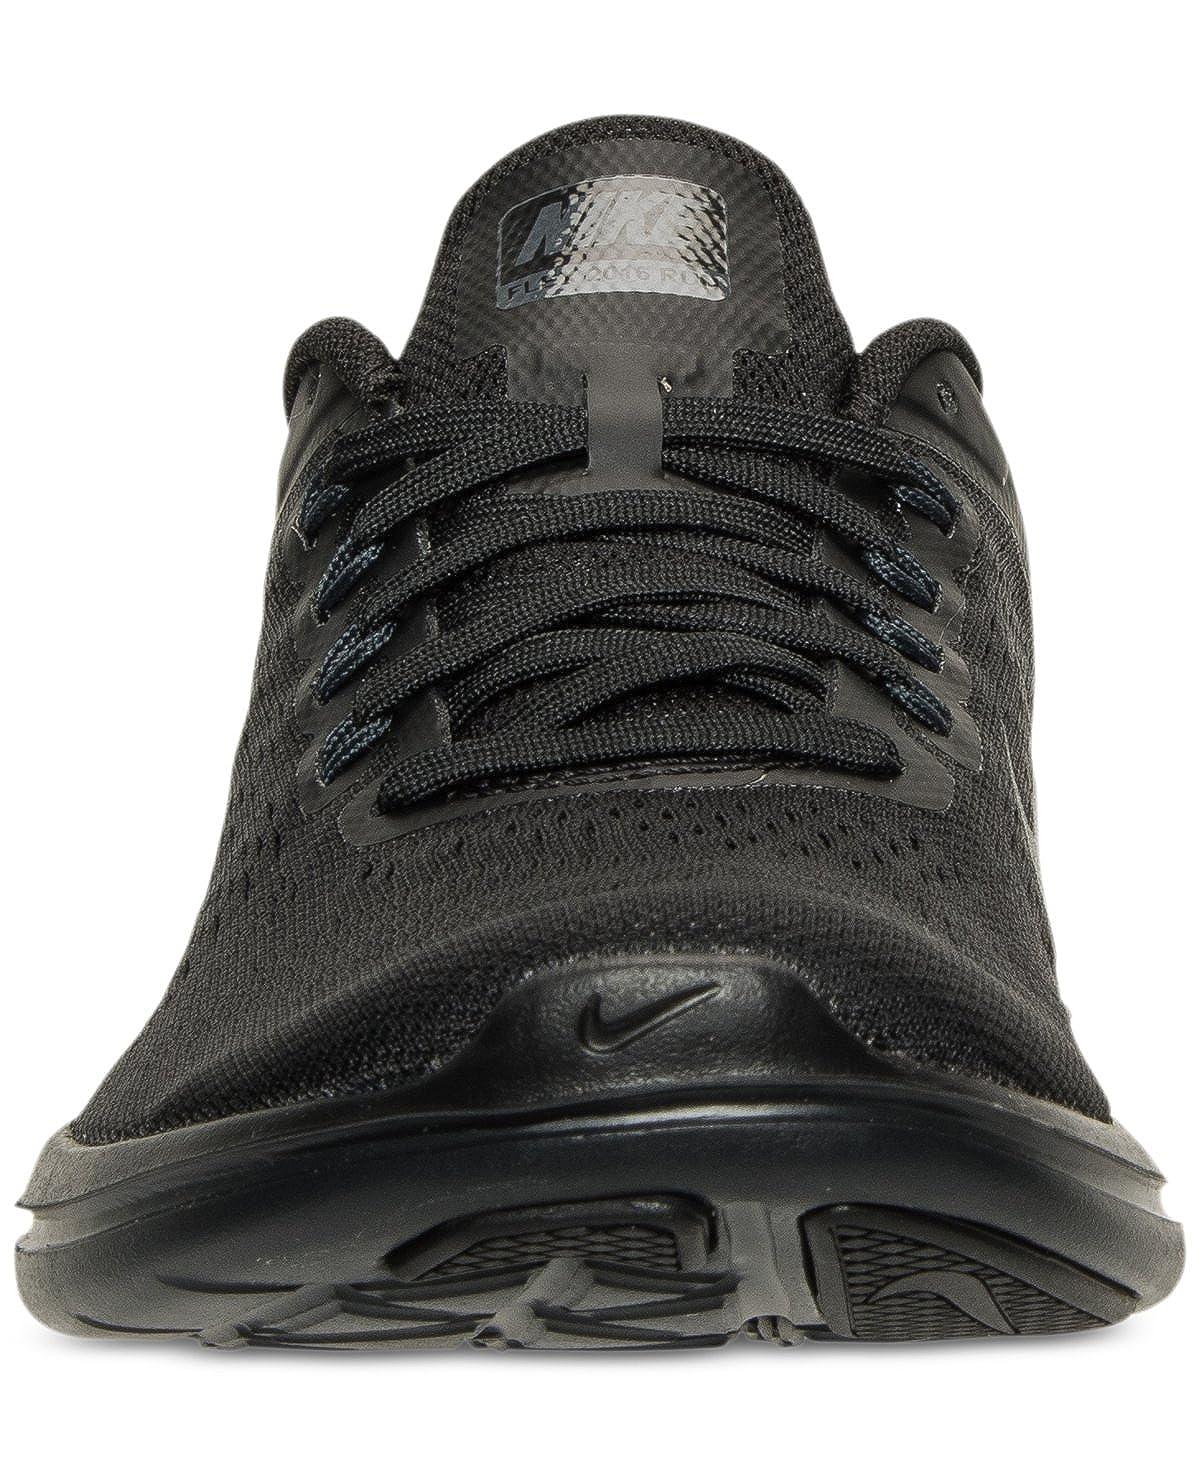 hommes / femmes est nike dame en saison chaussures tr aptitude chaussures saison de sport nouveau marché s tyle élégant fiables réputation gg13942 055df1